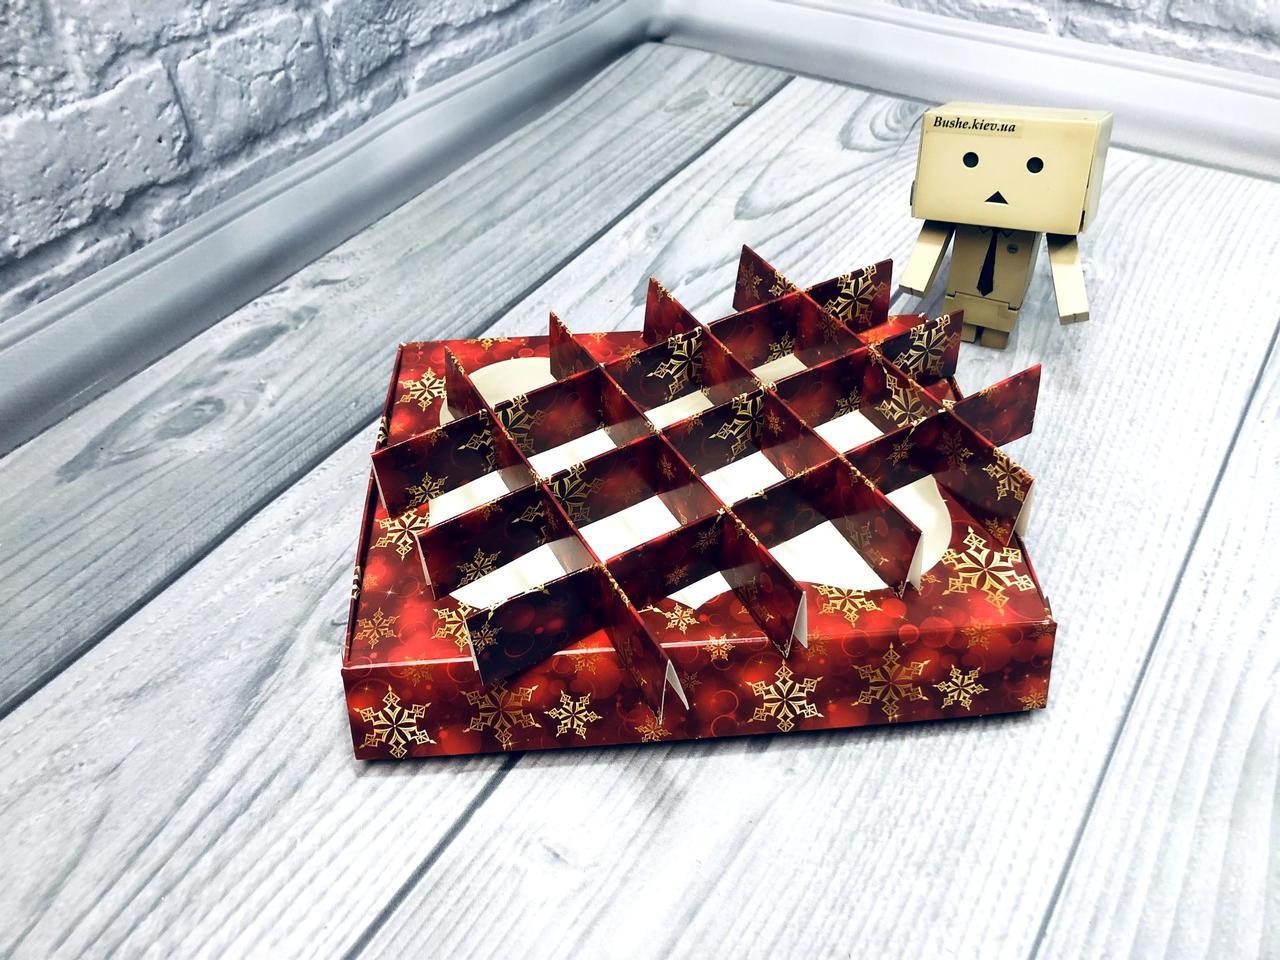 *10 шт* / Перегородка для конфет / 150х200х30 мм / 20 ячеек / Маленьк / печать-Снег.Красн / НГ